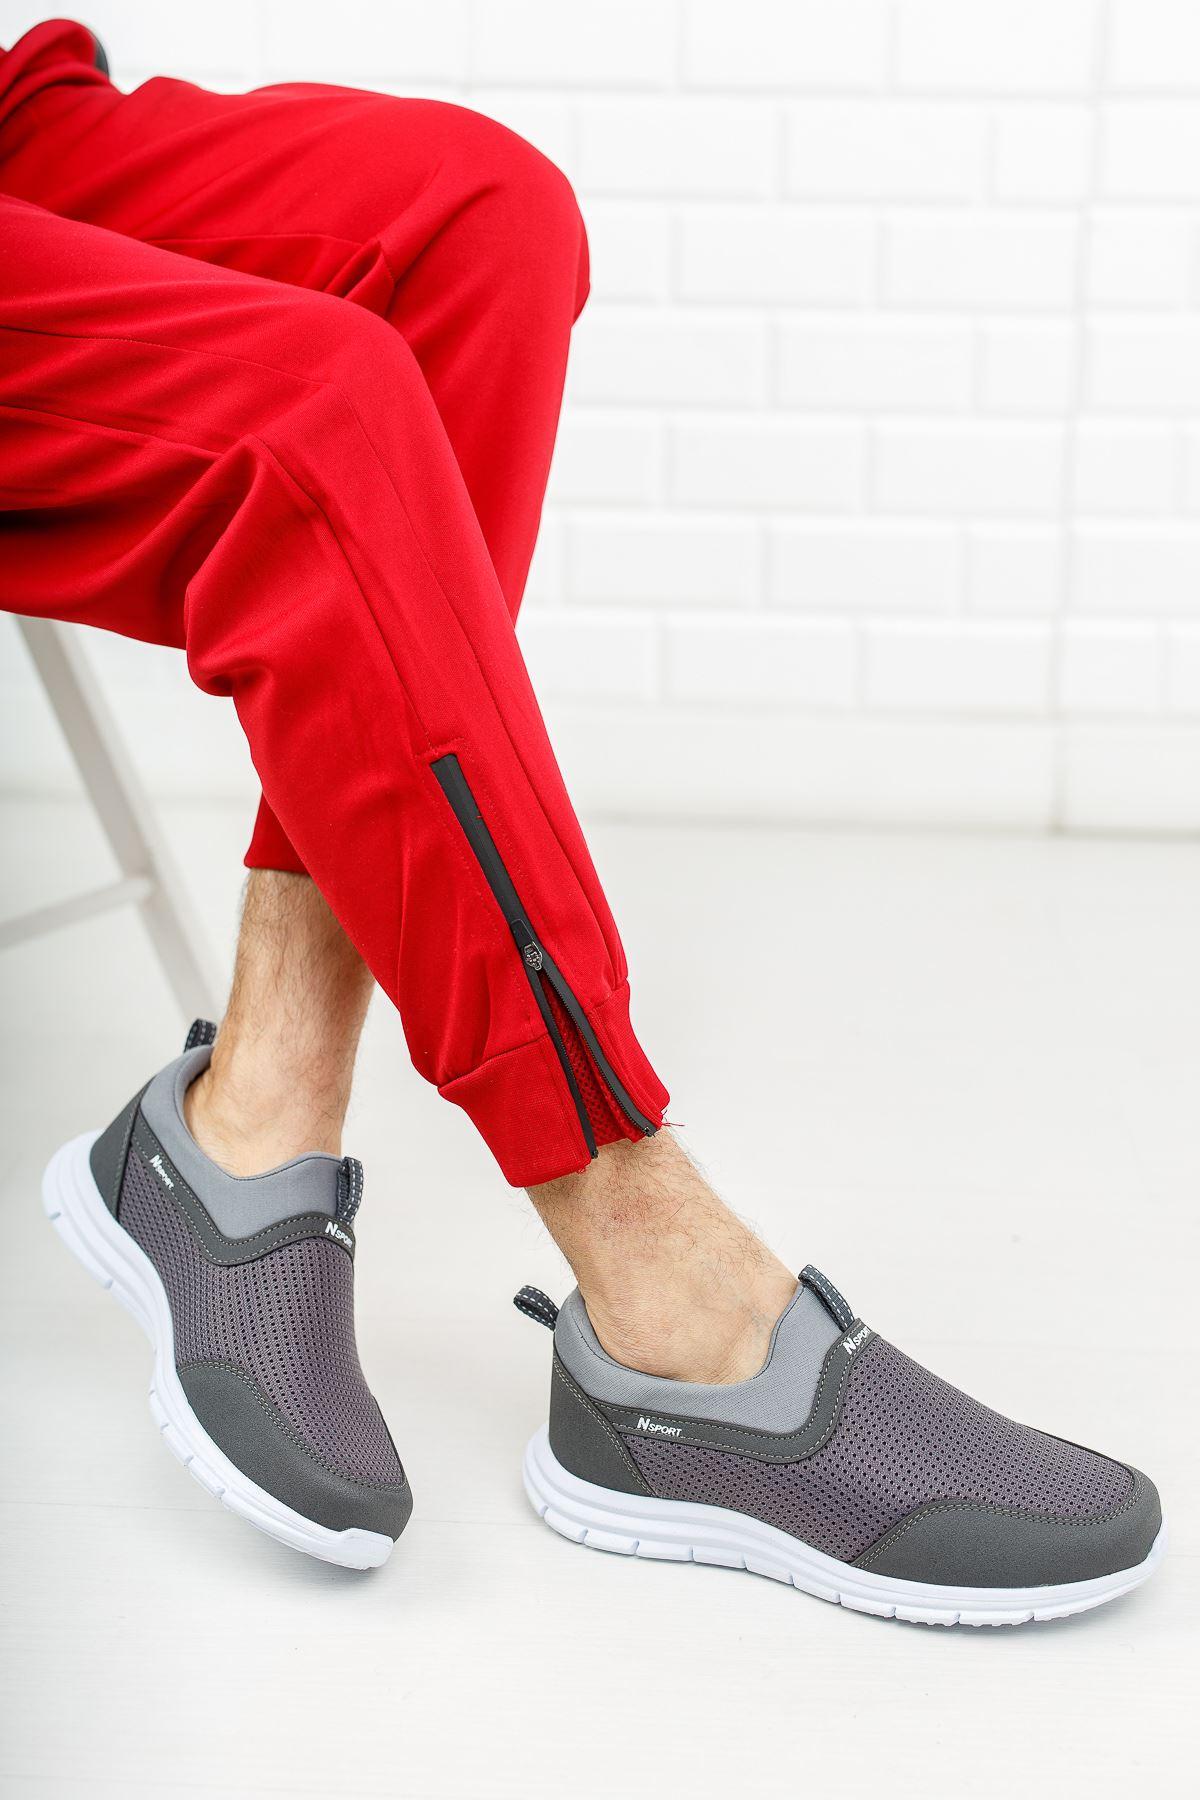 Fileli Gri Spor Ayakkabı